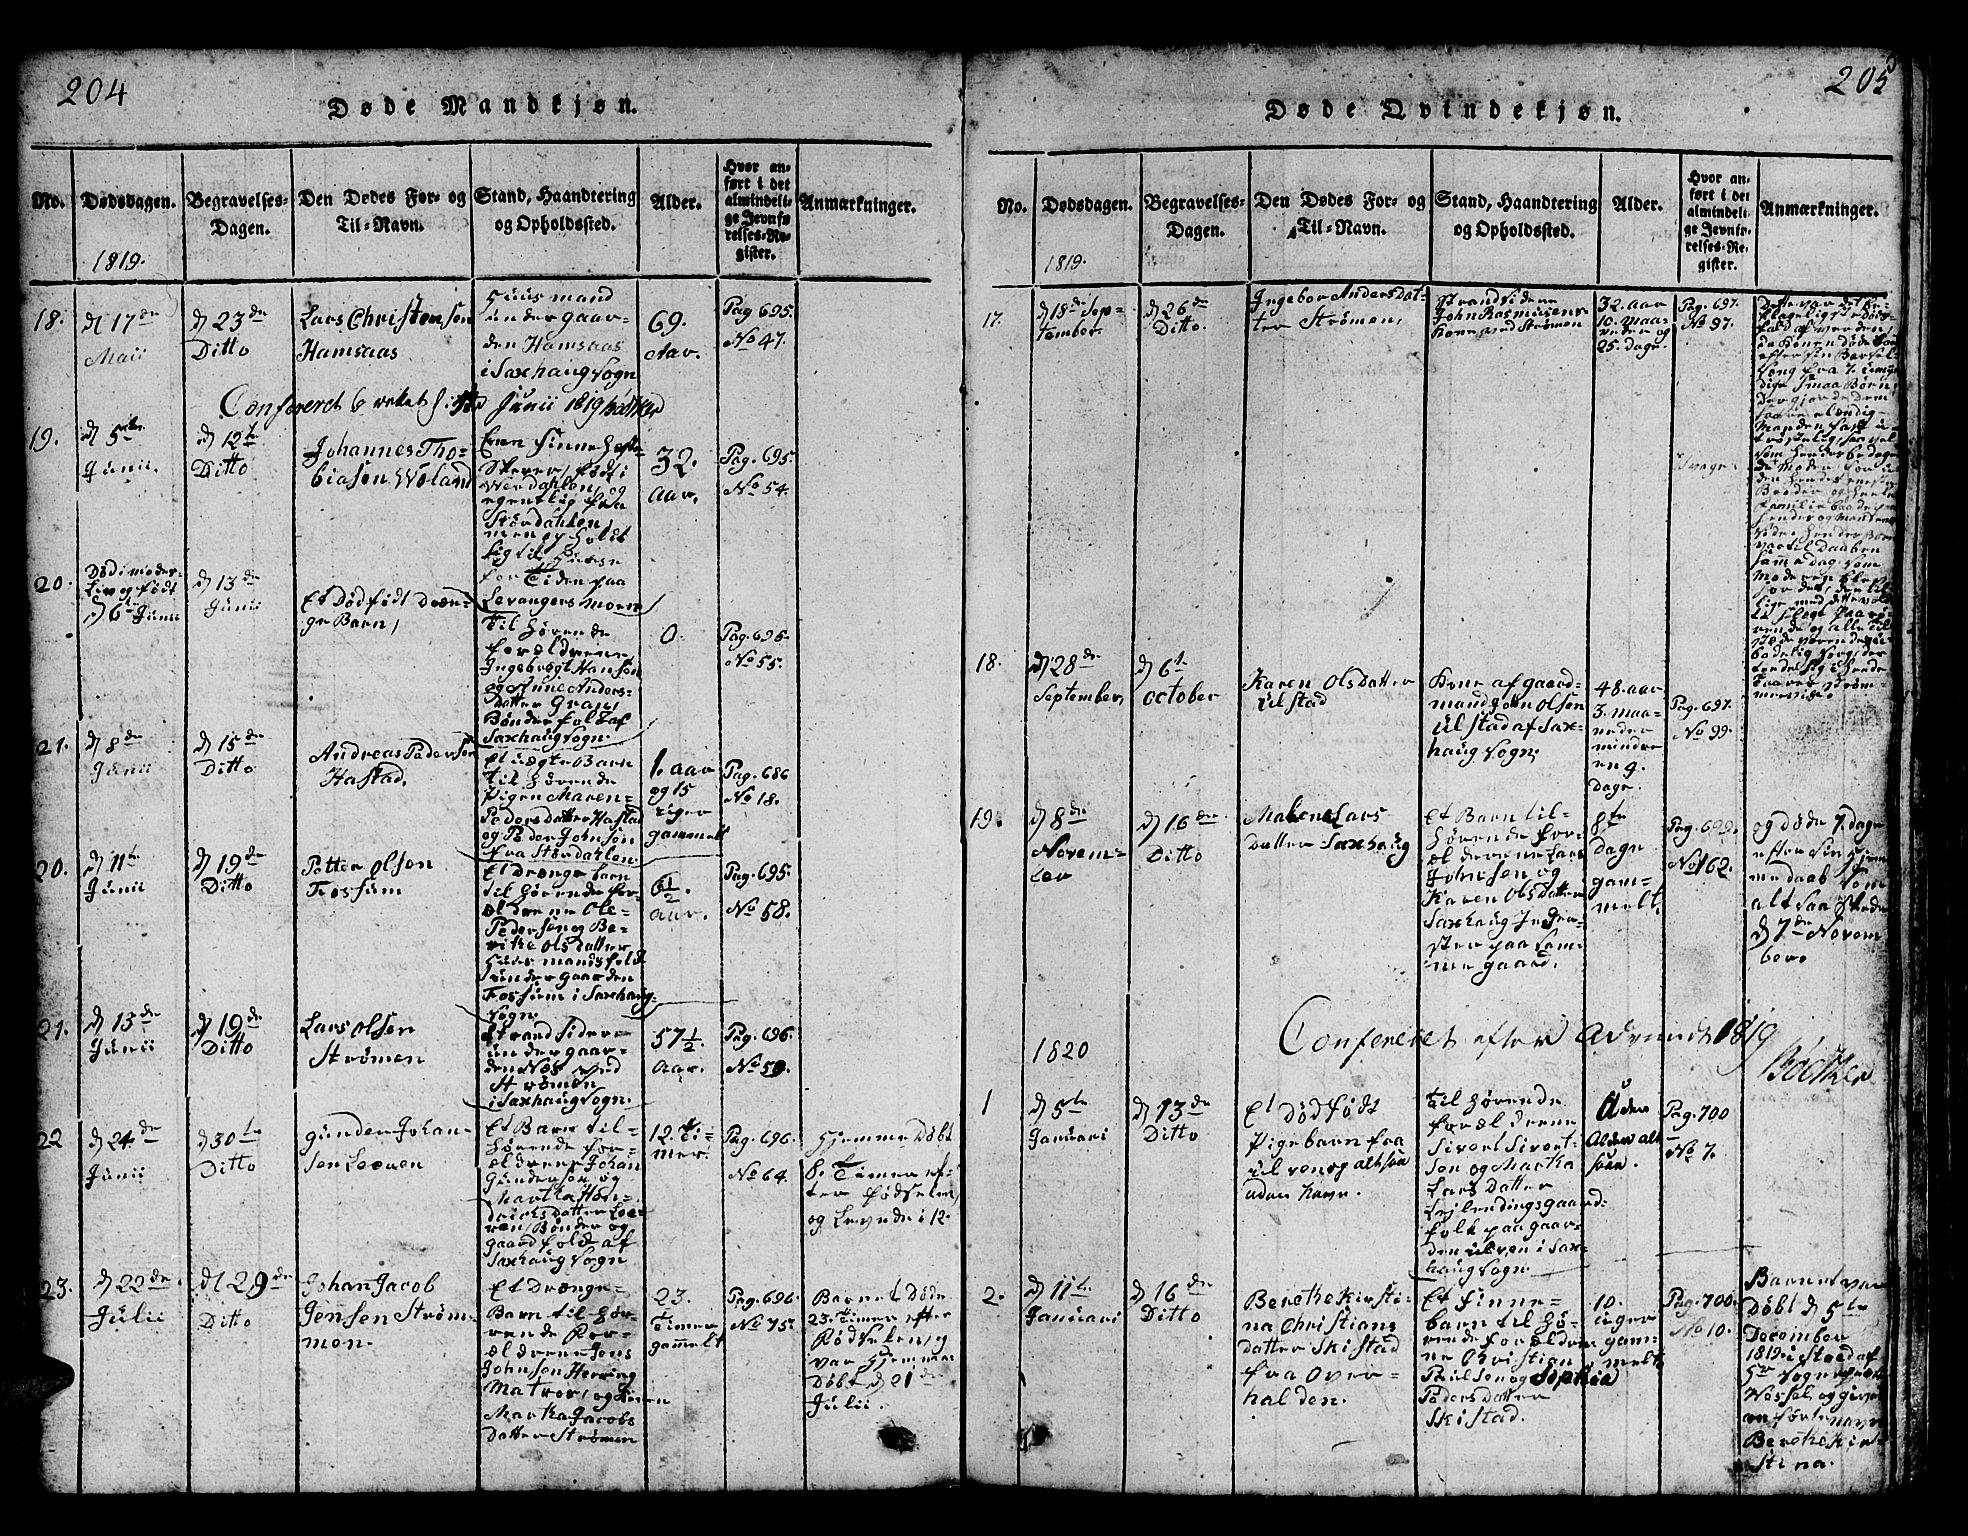 SAT, Ministerialprotokoller, klokkerbøker og fødselsregistre - Nord-Trøndelag, 730/L0298: Klokkerbok nr. 730C01, 1816-1849, s. 204-205